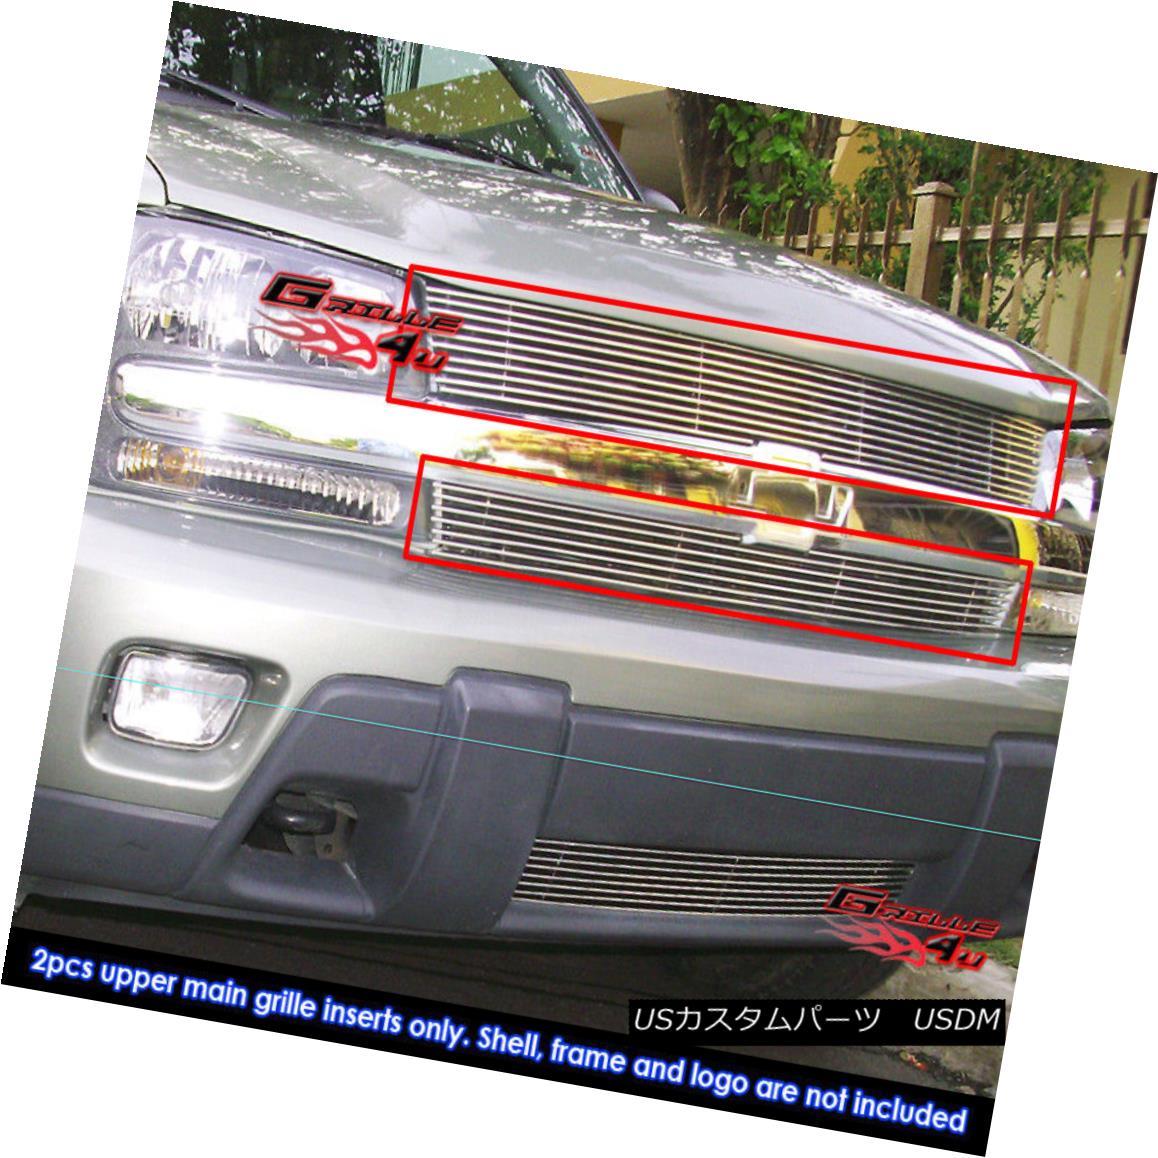 グリル Fits 02-05 Chevy Trailblazer LT/LS/SS Main Upper Billet Grille Insert フィット02-05 Chevy Trailblazer LT / LS / SSメインアッパービレットグリルインサート